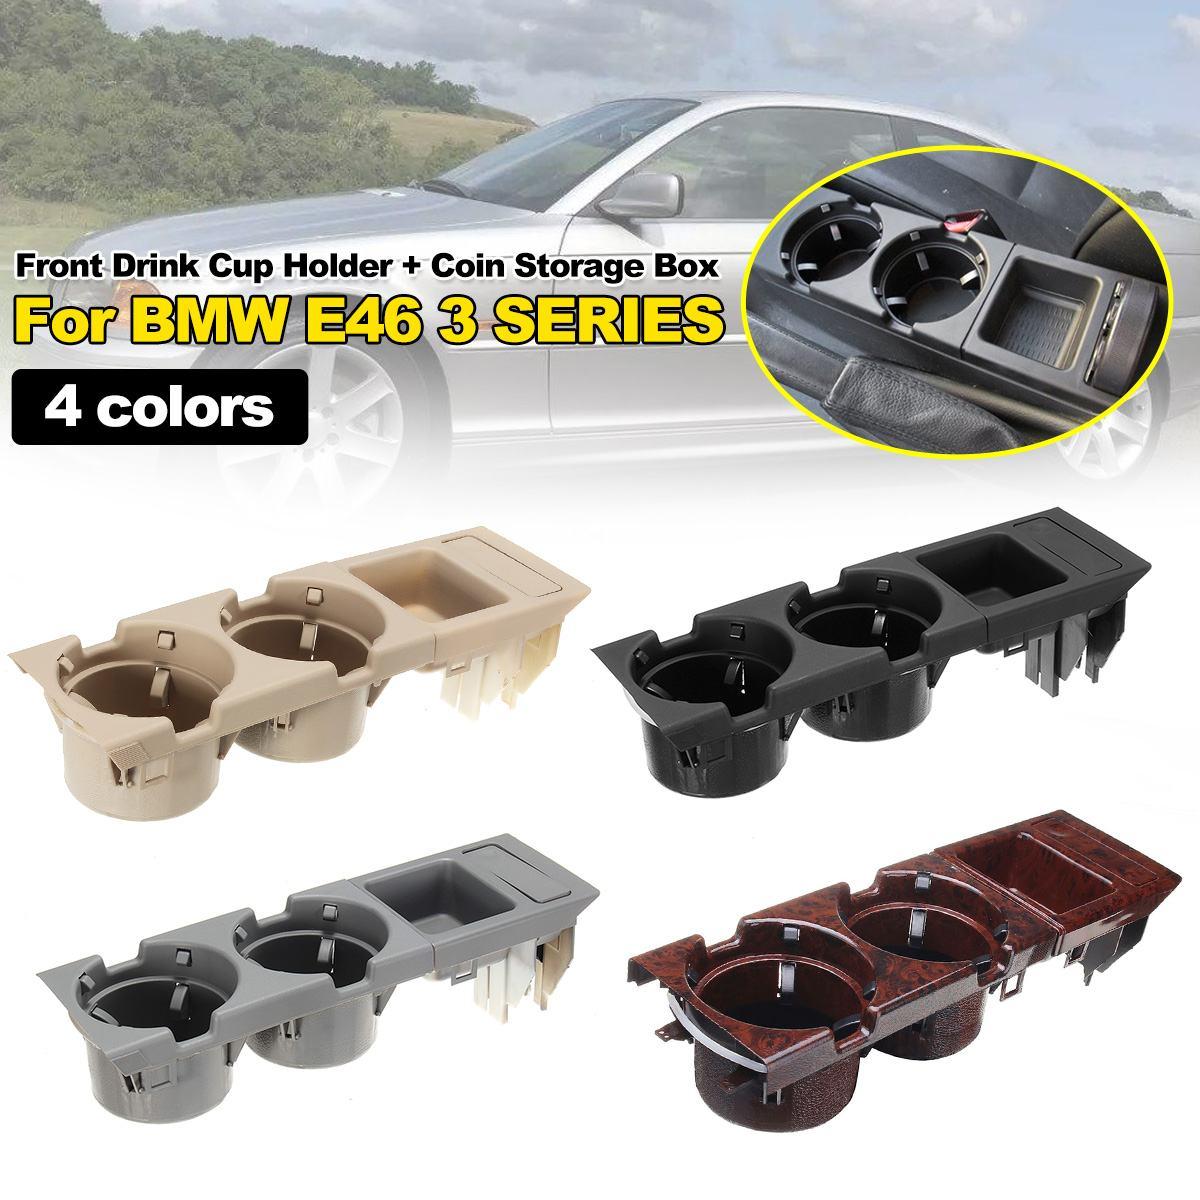 Caixa de armazenamento do console central dianteiro do veículo do carro do furo dobro moeda + suporte de copo para bmw série 3 e46 1999-2006 51168217957 5 cor